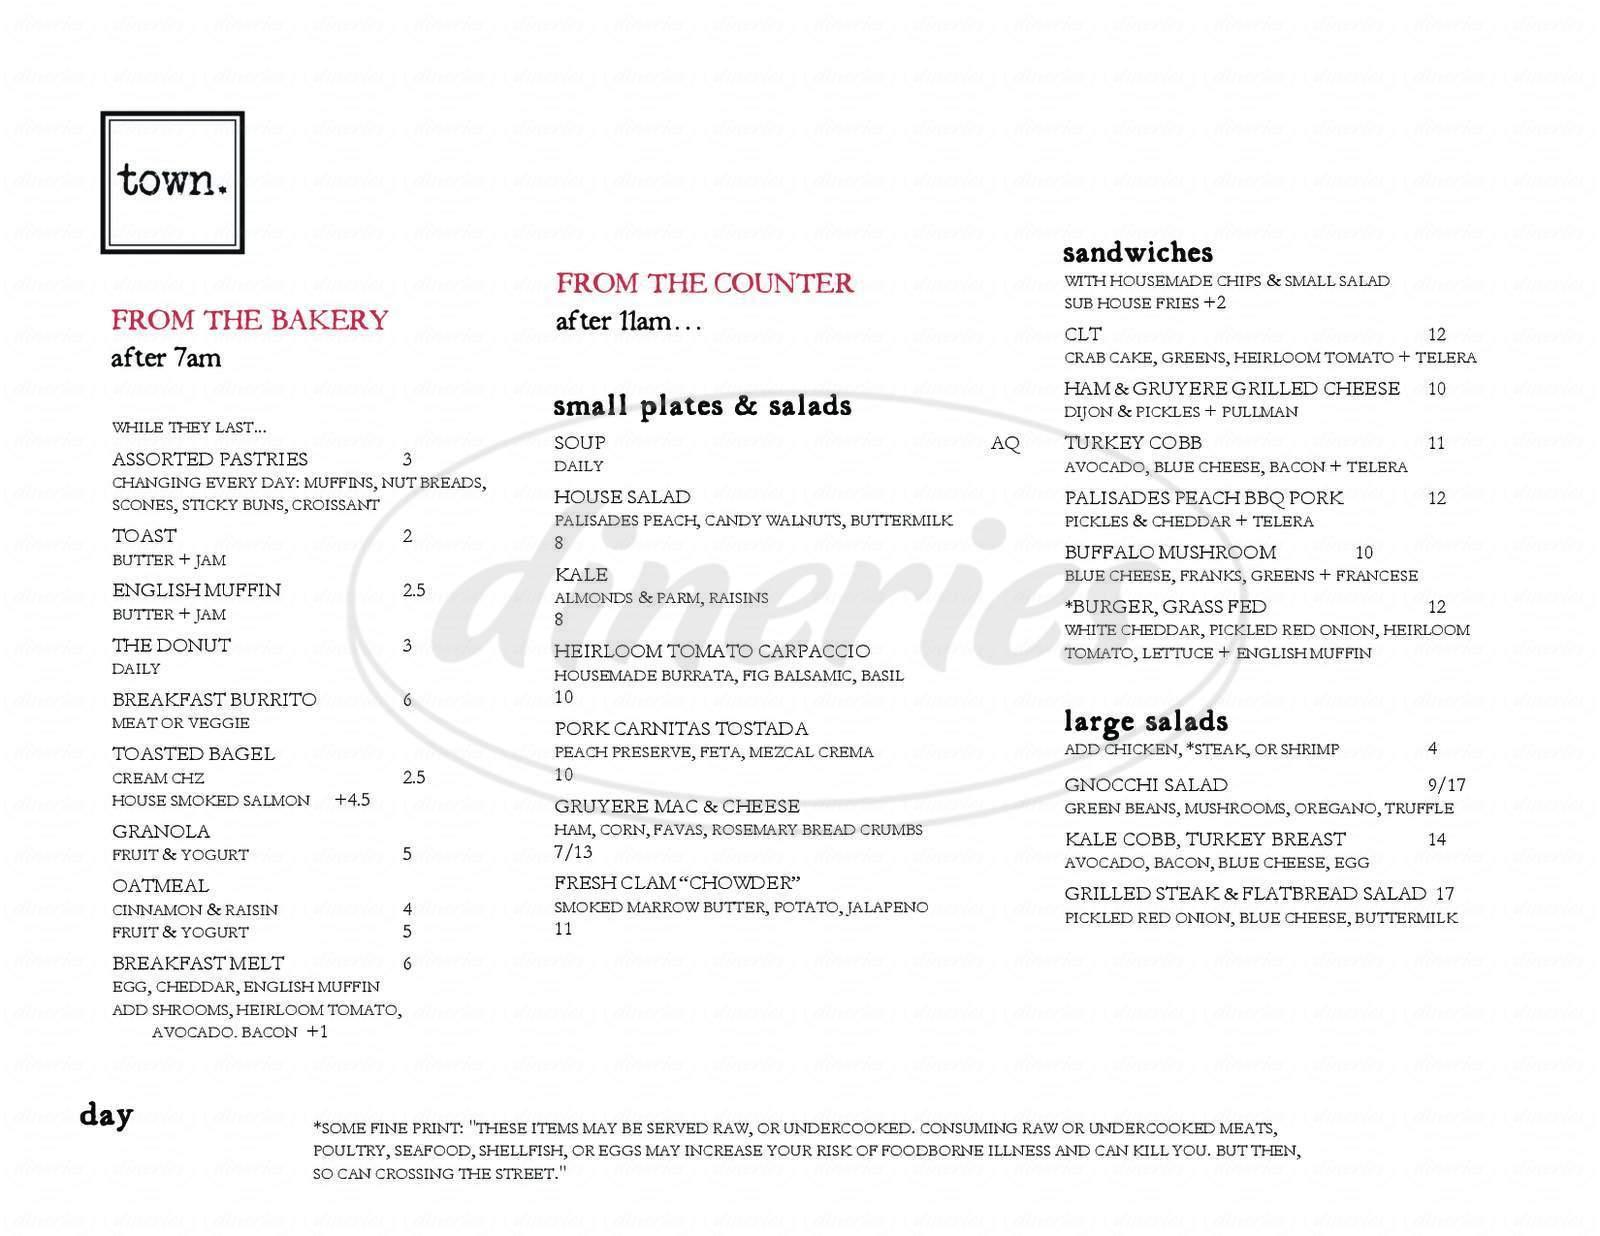 menu for Town.